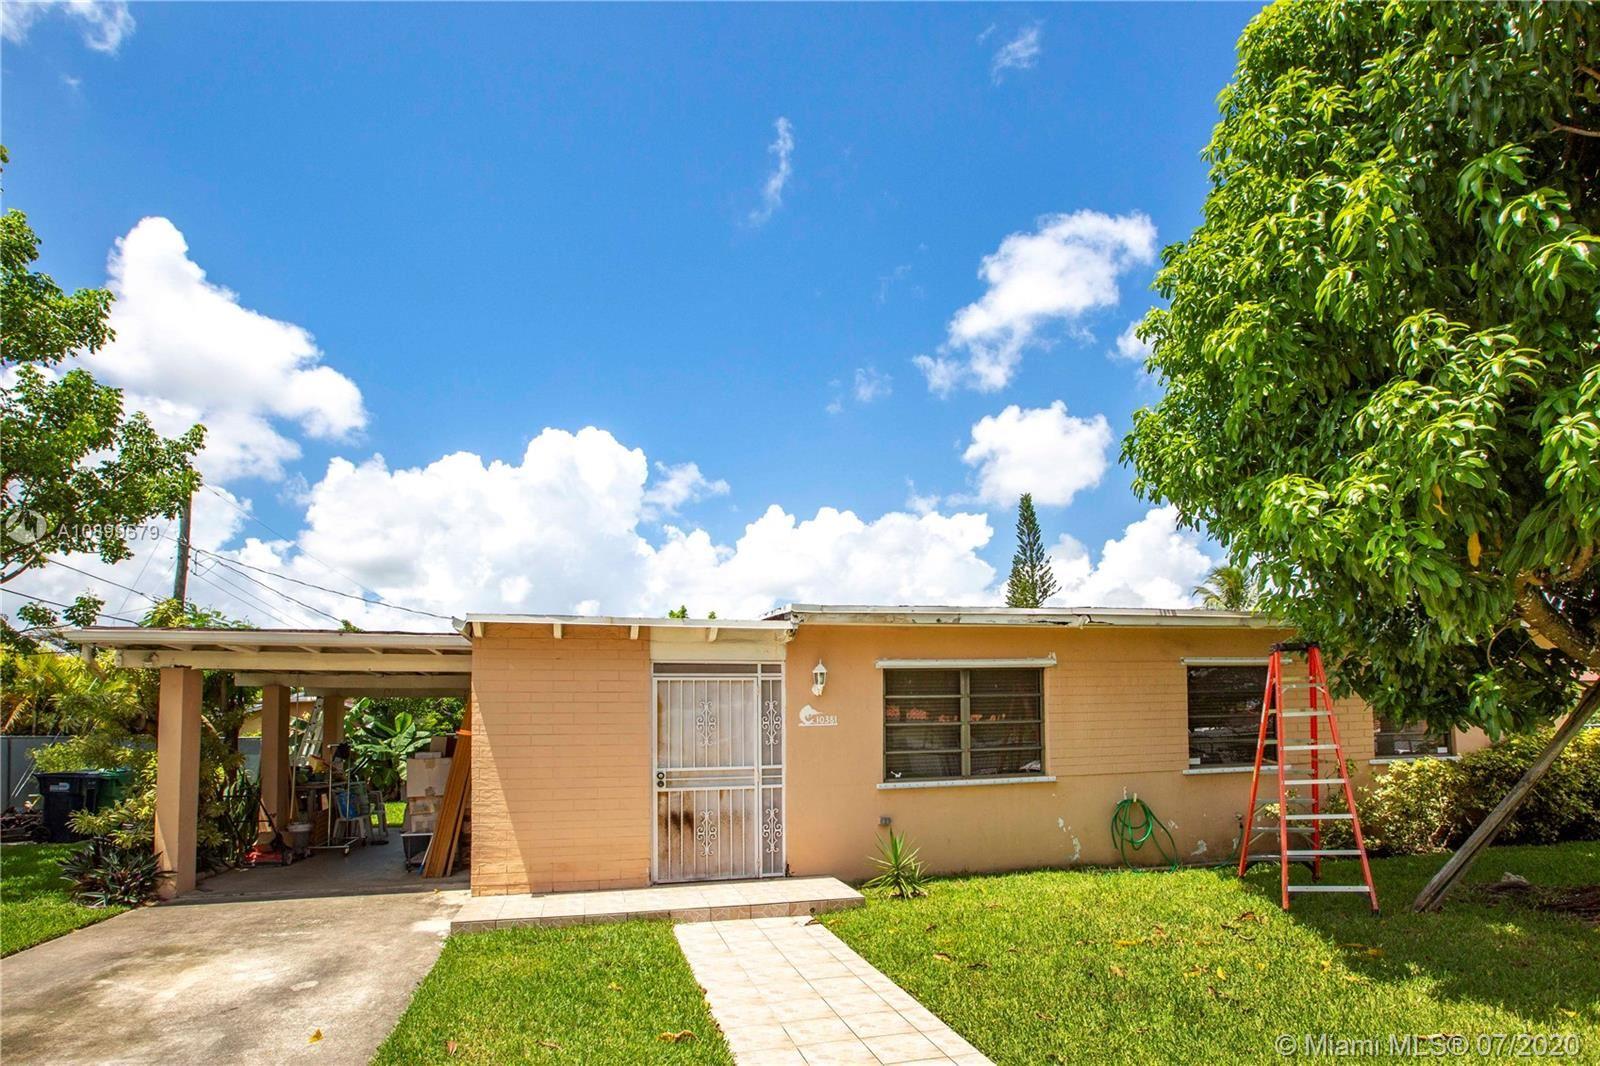 10381 SW 32nd St, Miami, FL 33165 - #: A10899579